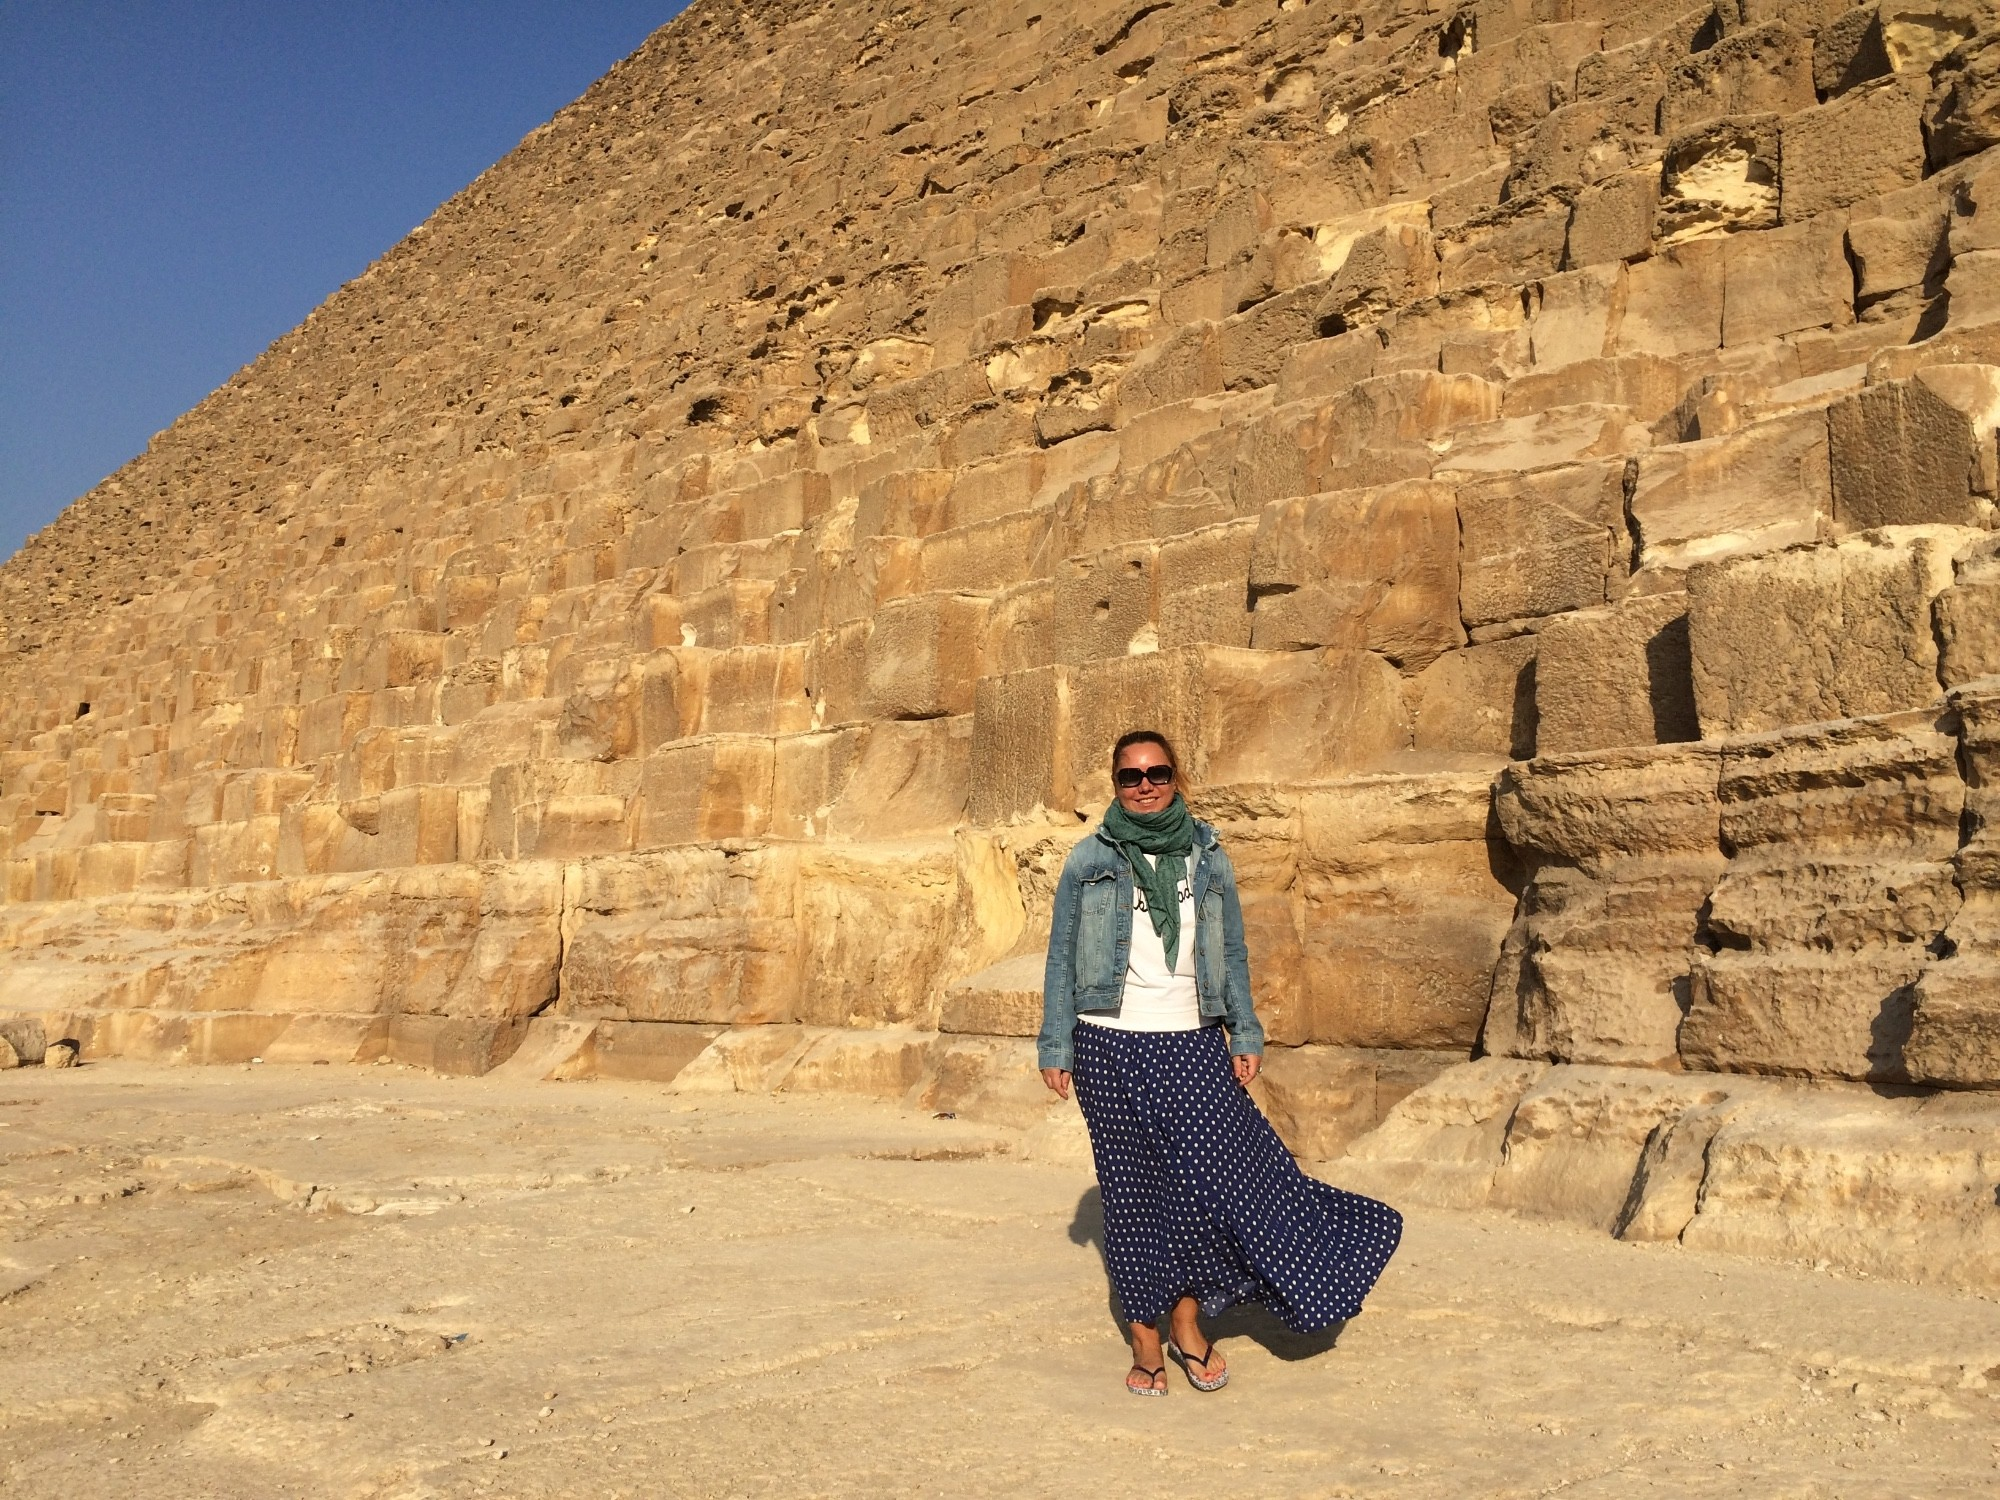 обошли своим египет фото туристов реальные бокала сделает